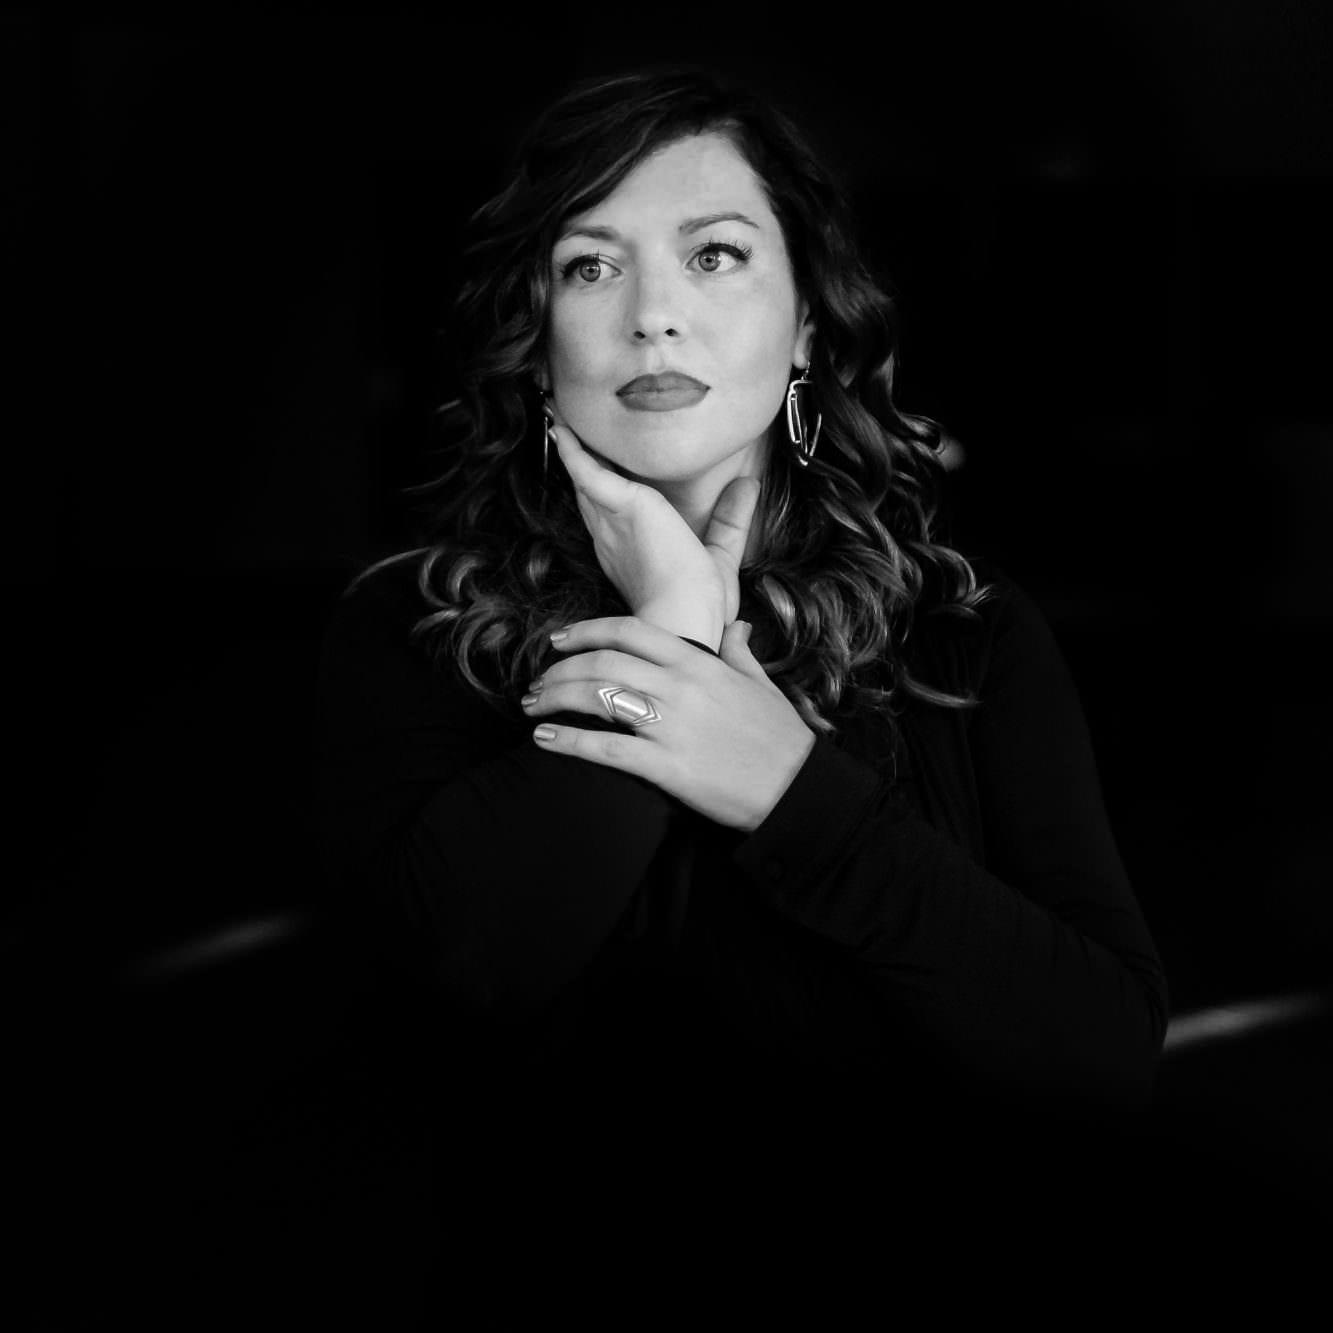 Kathryn Krueger Branding Portraits